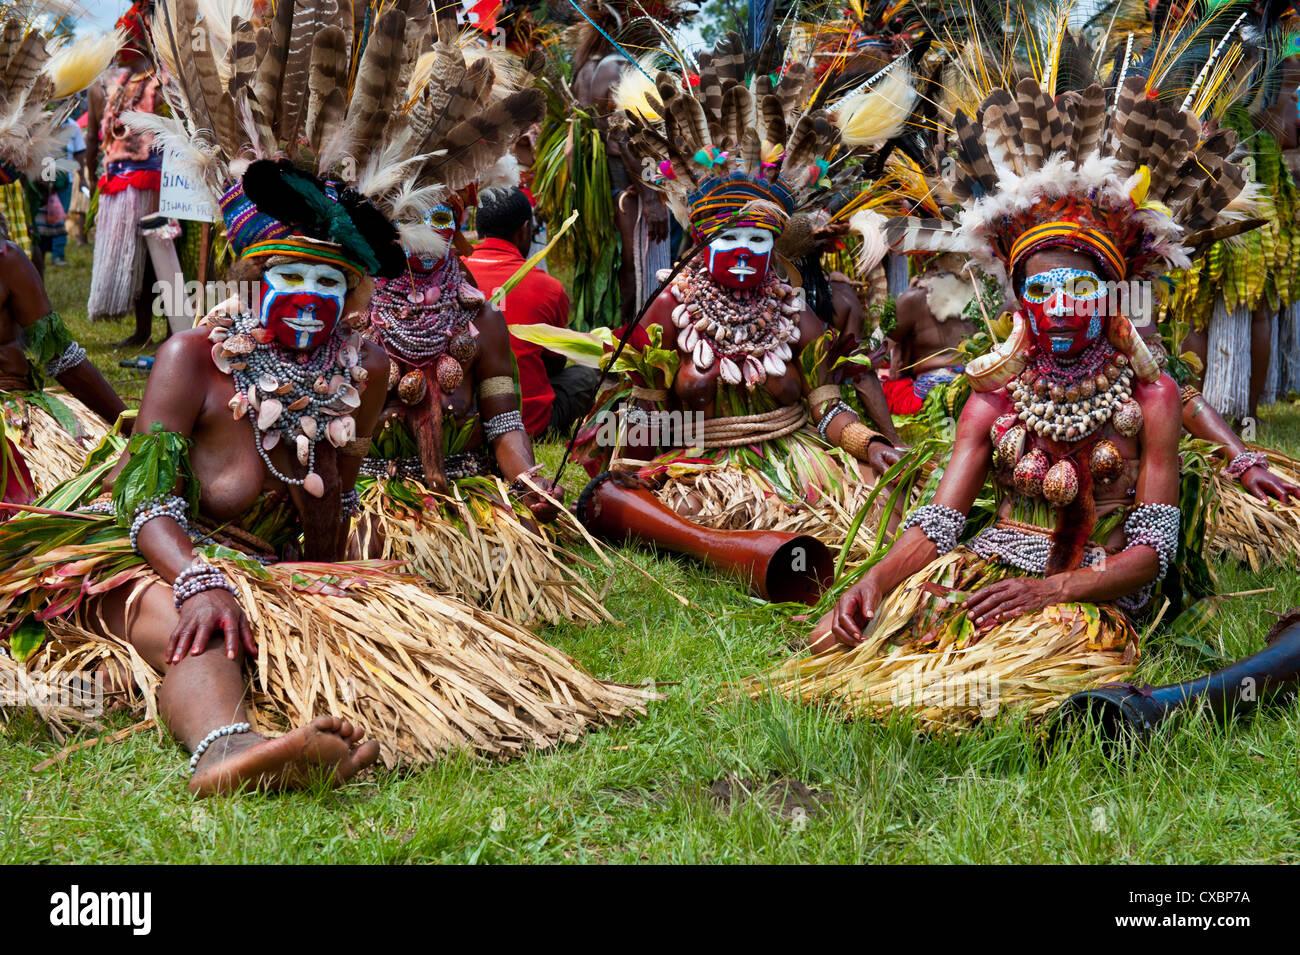 Vestimentas coloridas y la cara pintada de las tribus locales celebra la tradicional Sing Sing en las tierras altas Imagen De Stock